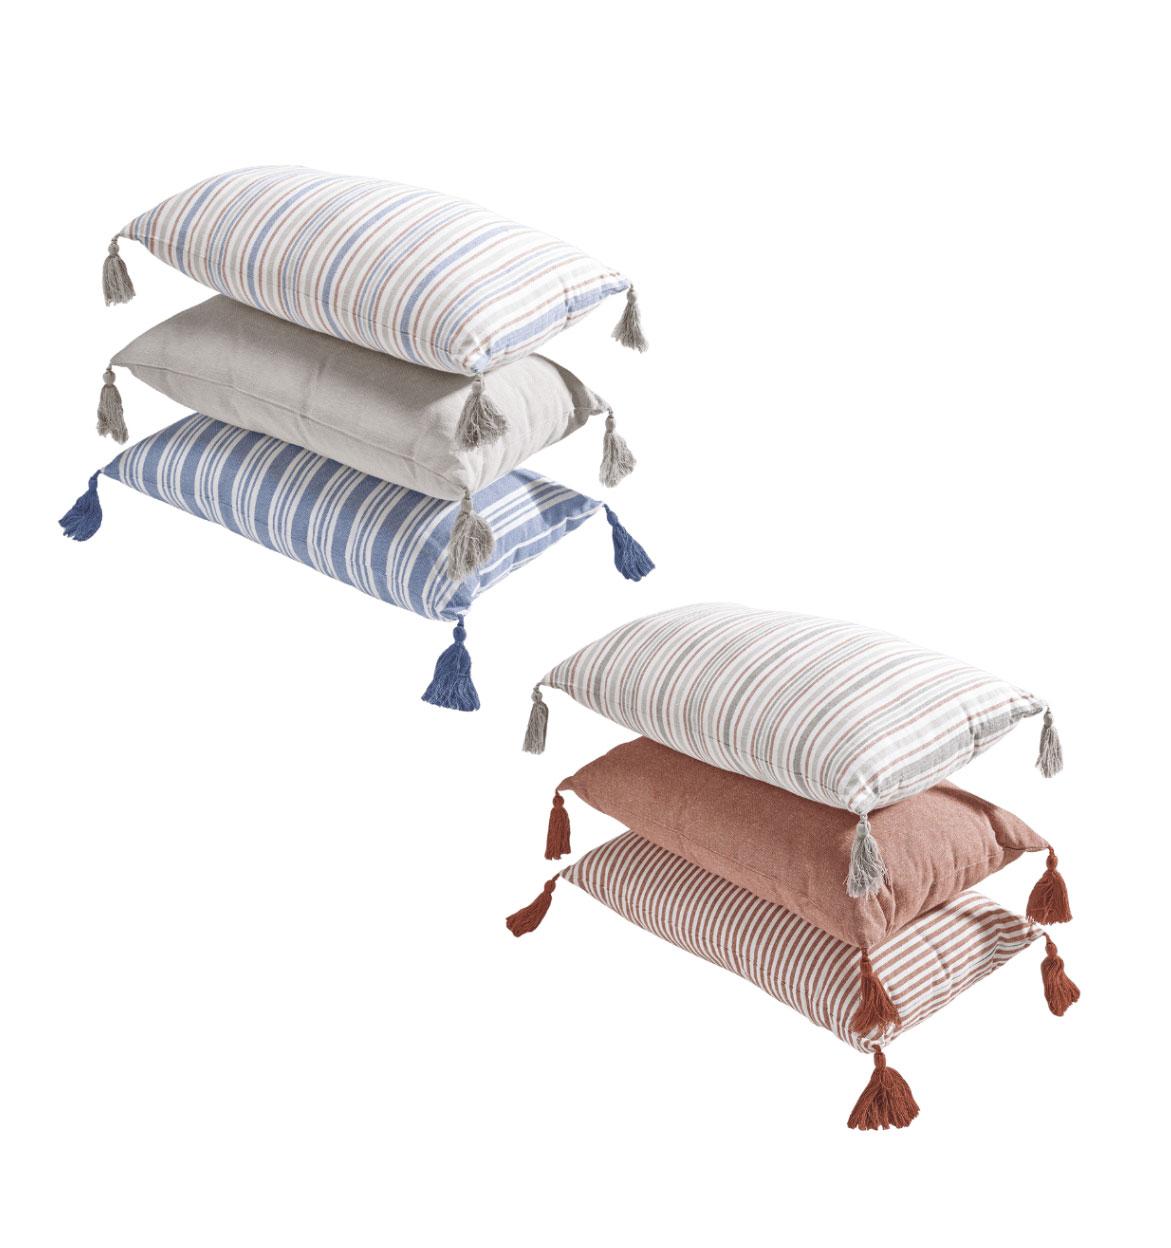 Cojín decorativo rectangular Funda: 100% algodón orgánico. Relleno: 100% poliéster. Tamaño: 50 x 30 cm. Desenfundable, cierre con cremallera. Disponible en diferentes diseños.